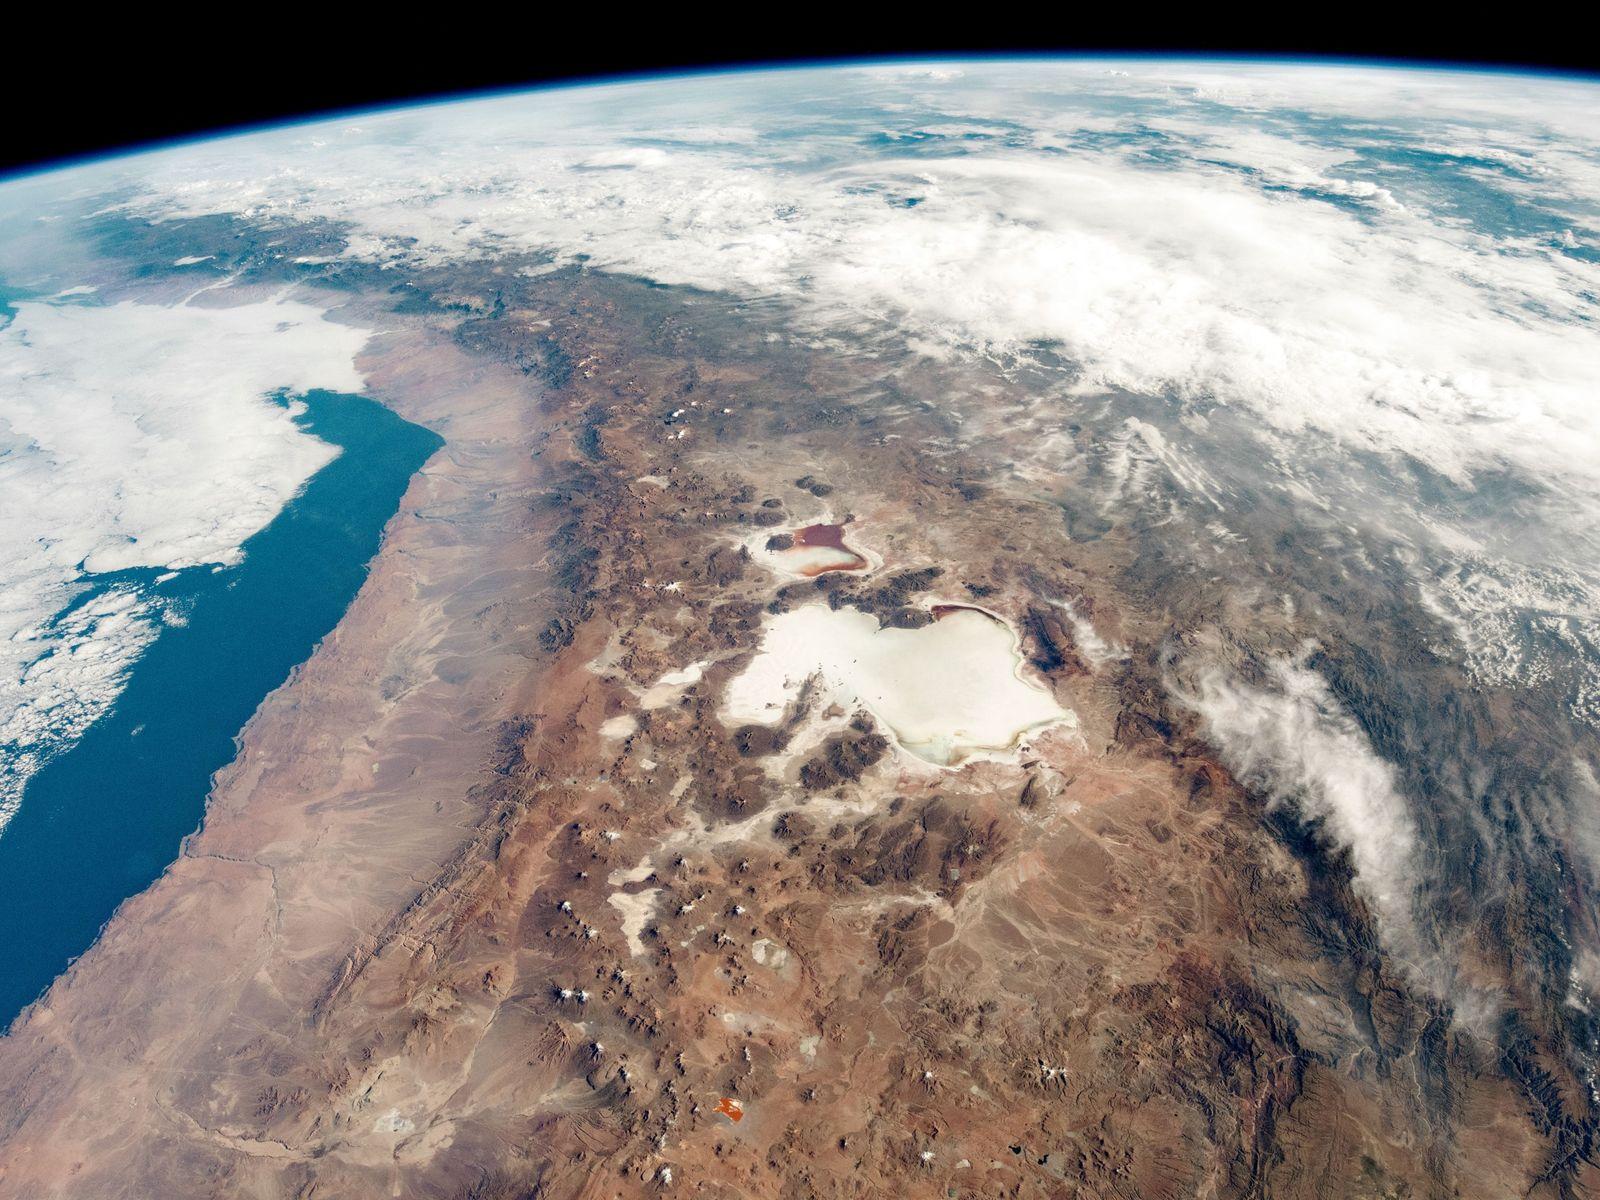 Salinas, Montanhas e Humidade – Pesquisa Geológica dos EUA aos Salares do Chile (1974)